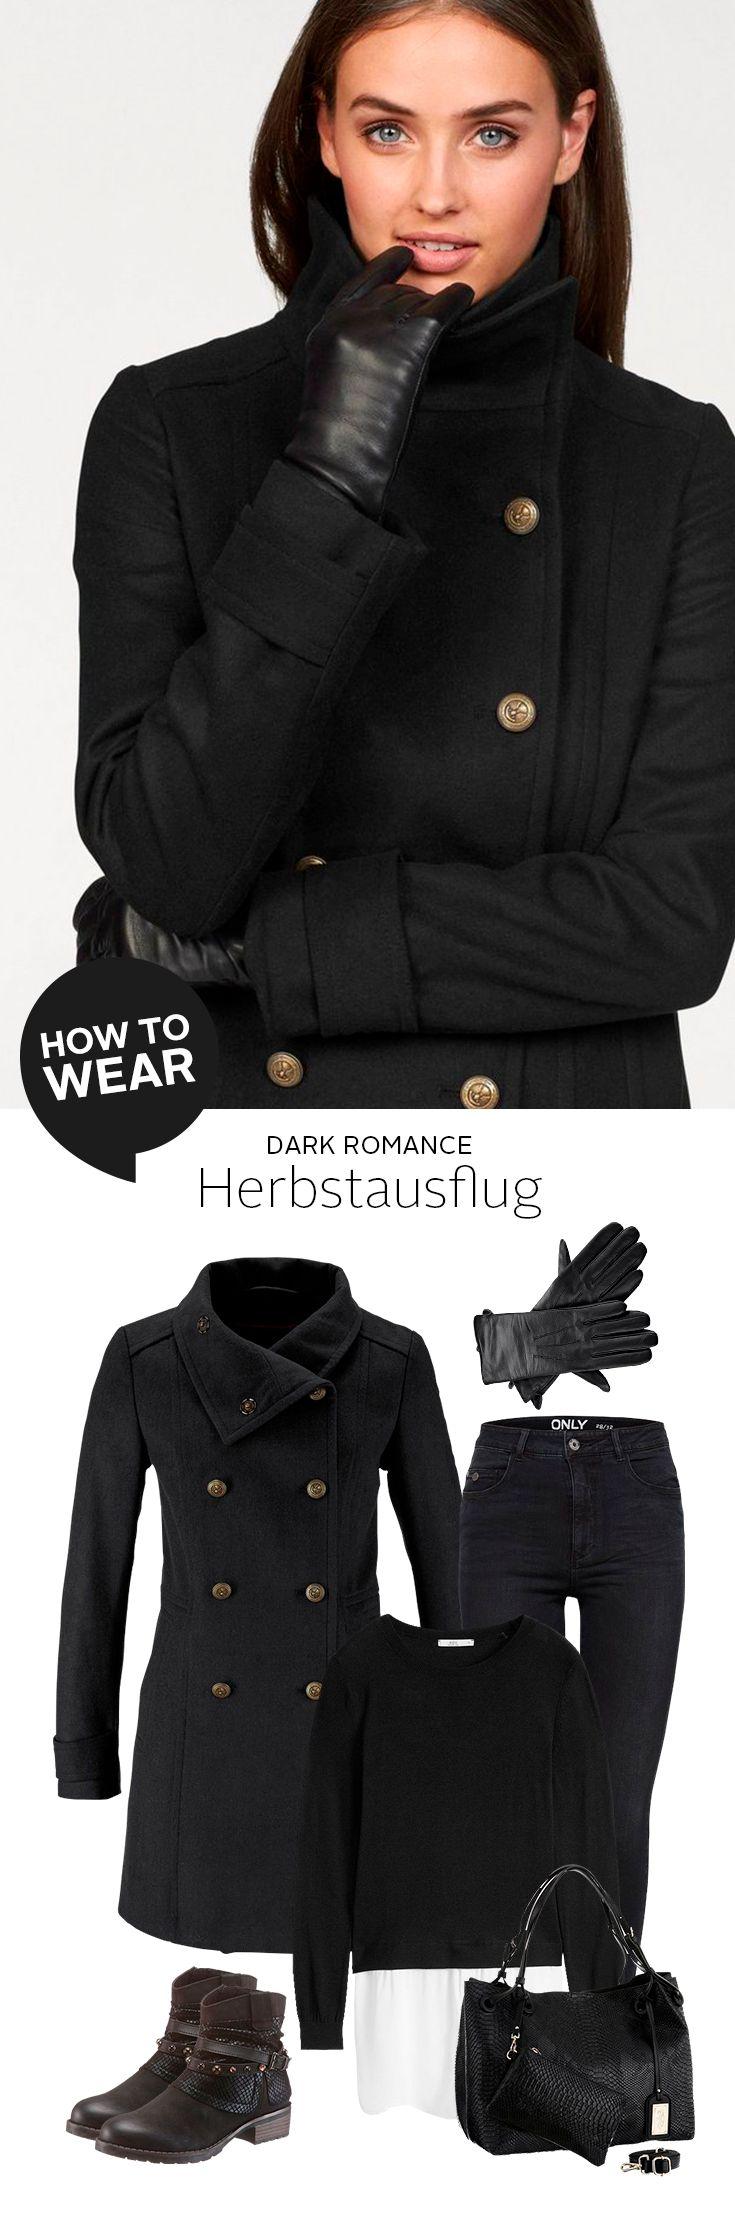 Für alle Grunge-Ladies und Liebhaberinnen des Dark Romance-Looks – dieses Outfit wird euch begeistern. Hauptsache schwarz: 2-in-1 Pulli, Skinny-fit und Boots, dazu elegante Handschuhe und die ultra-schicke Cabanjacke im Uniform-Style. Beeindruckend lässig!